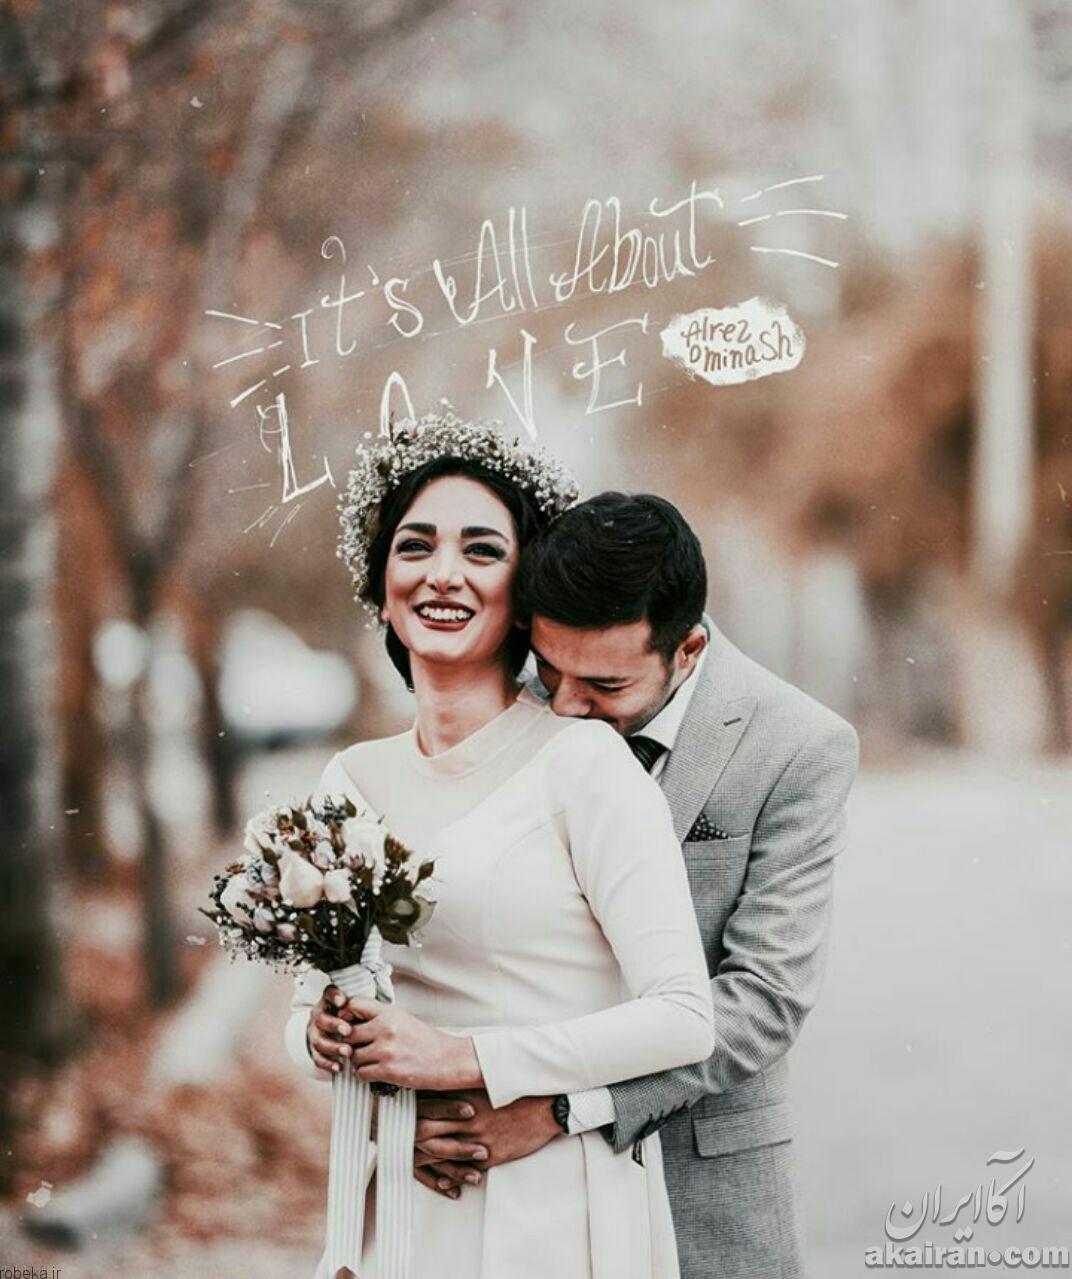 2018529516413971323awaterM عکس پروفایل شاد عاشقانه دختر و پسر | پروفایل شاد دخترونه و پسرونه